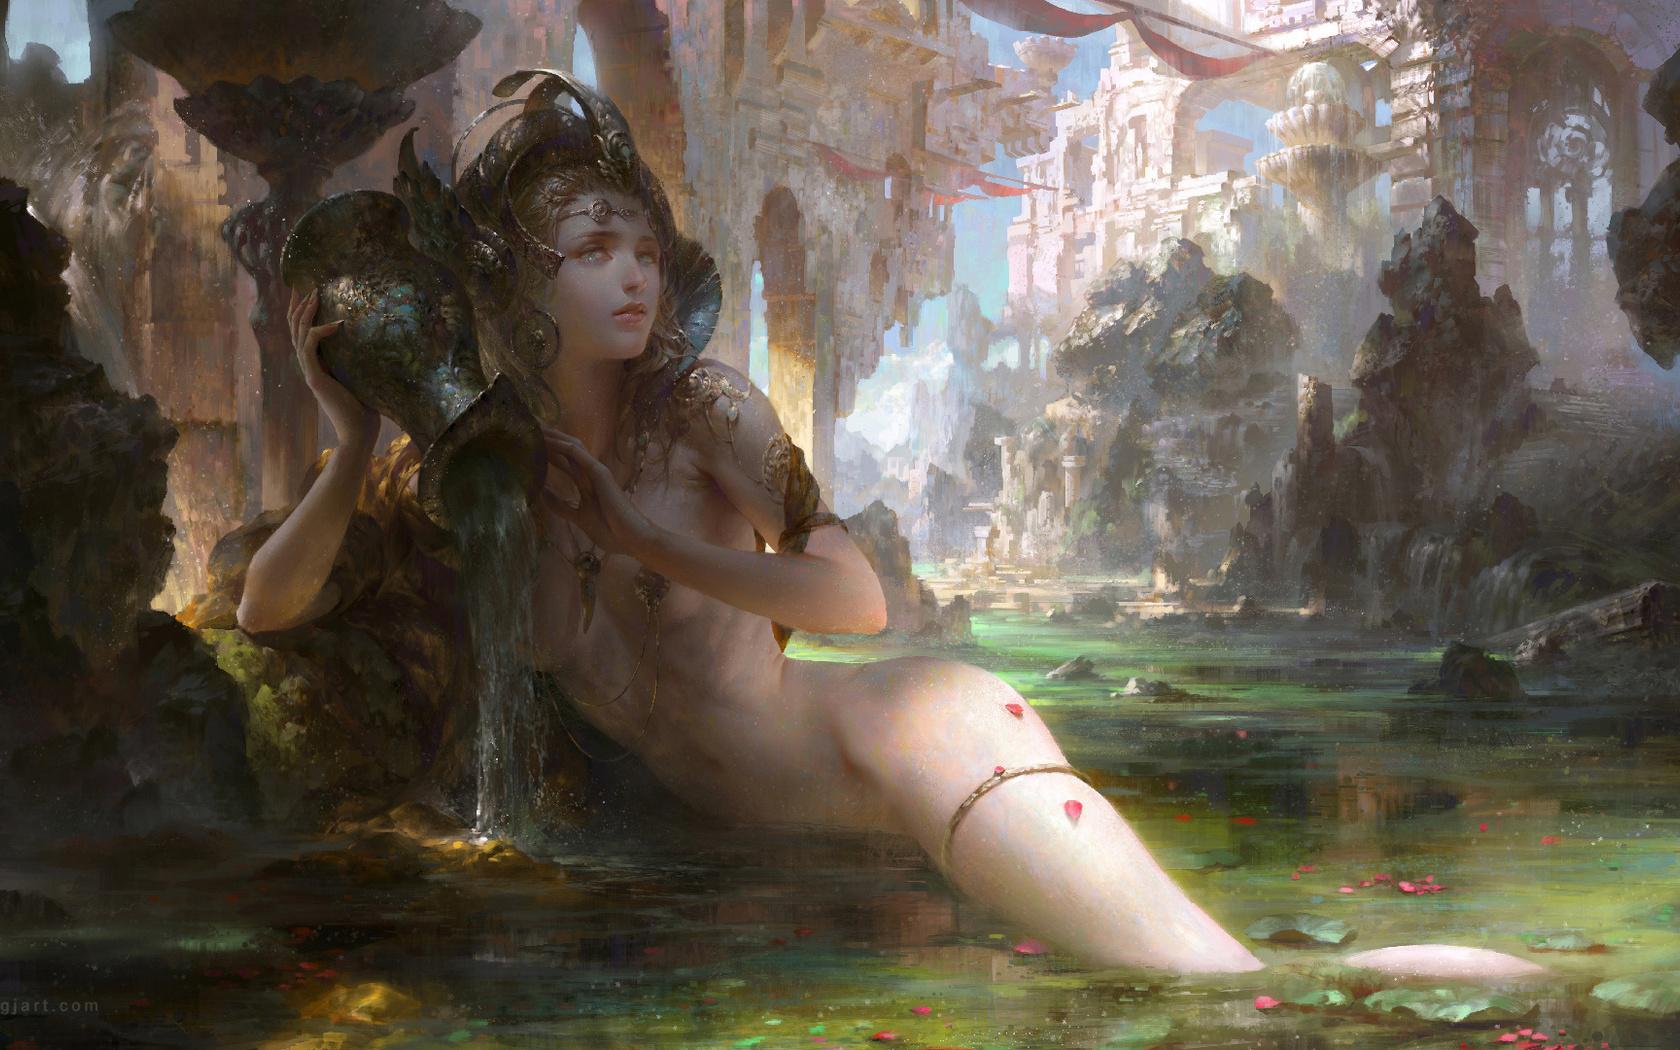 картинки голых девушек из фэнтези